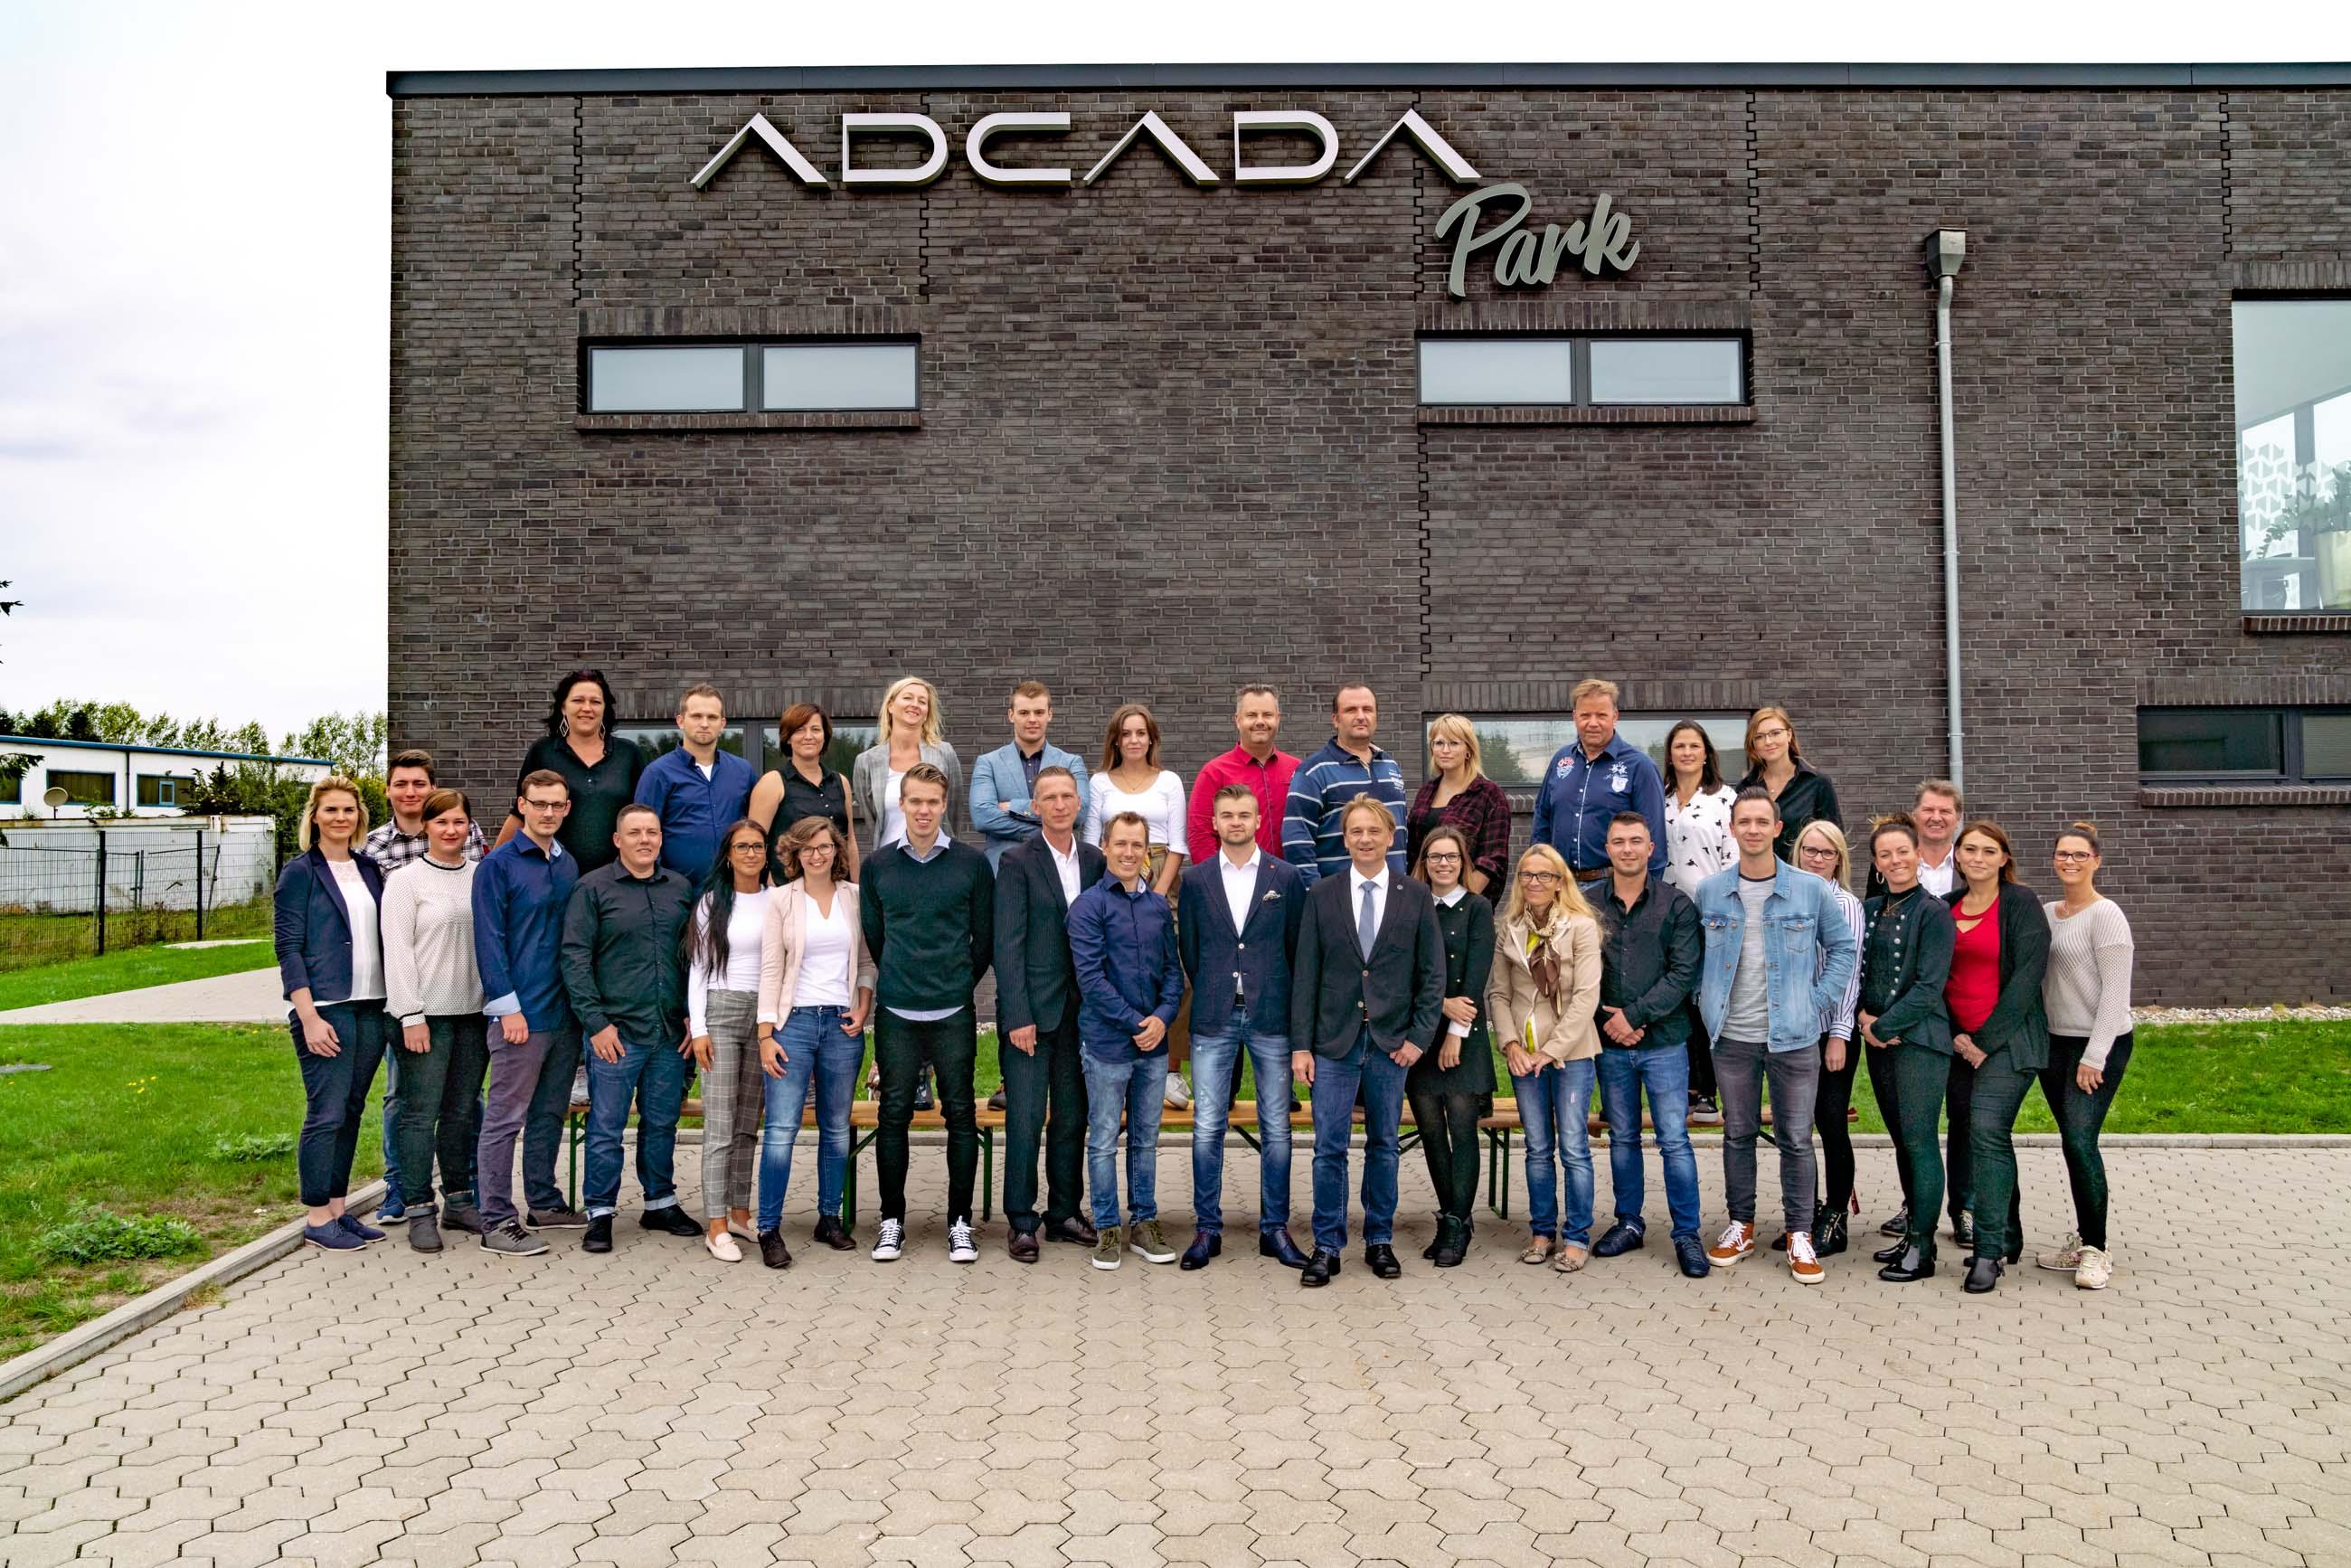 Das ADCADA Team vor dem ADCADA Park-Schriftzug